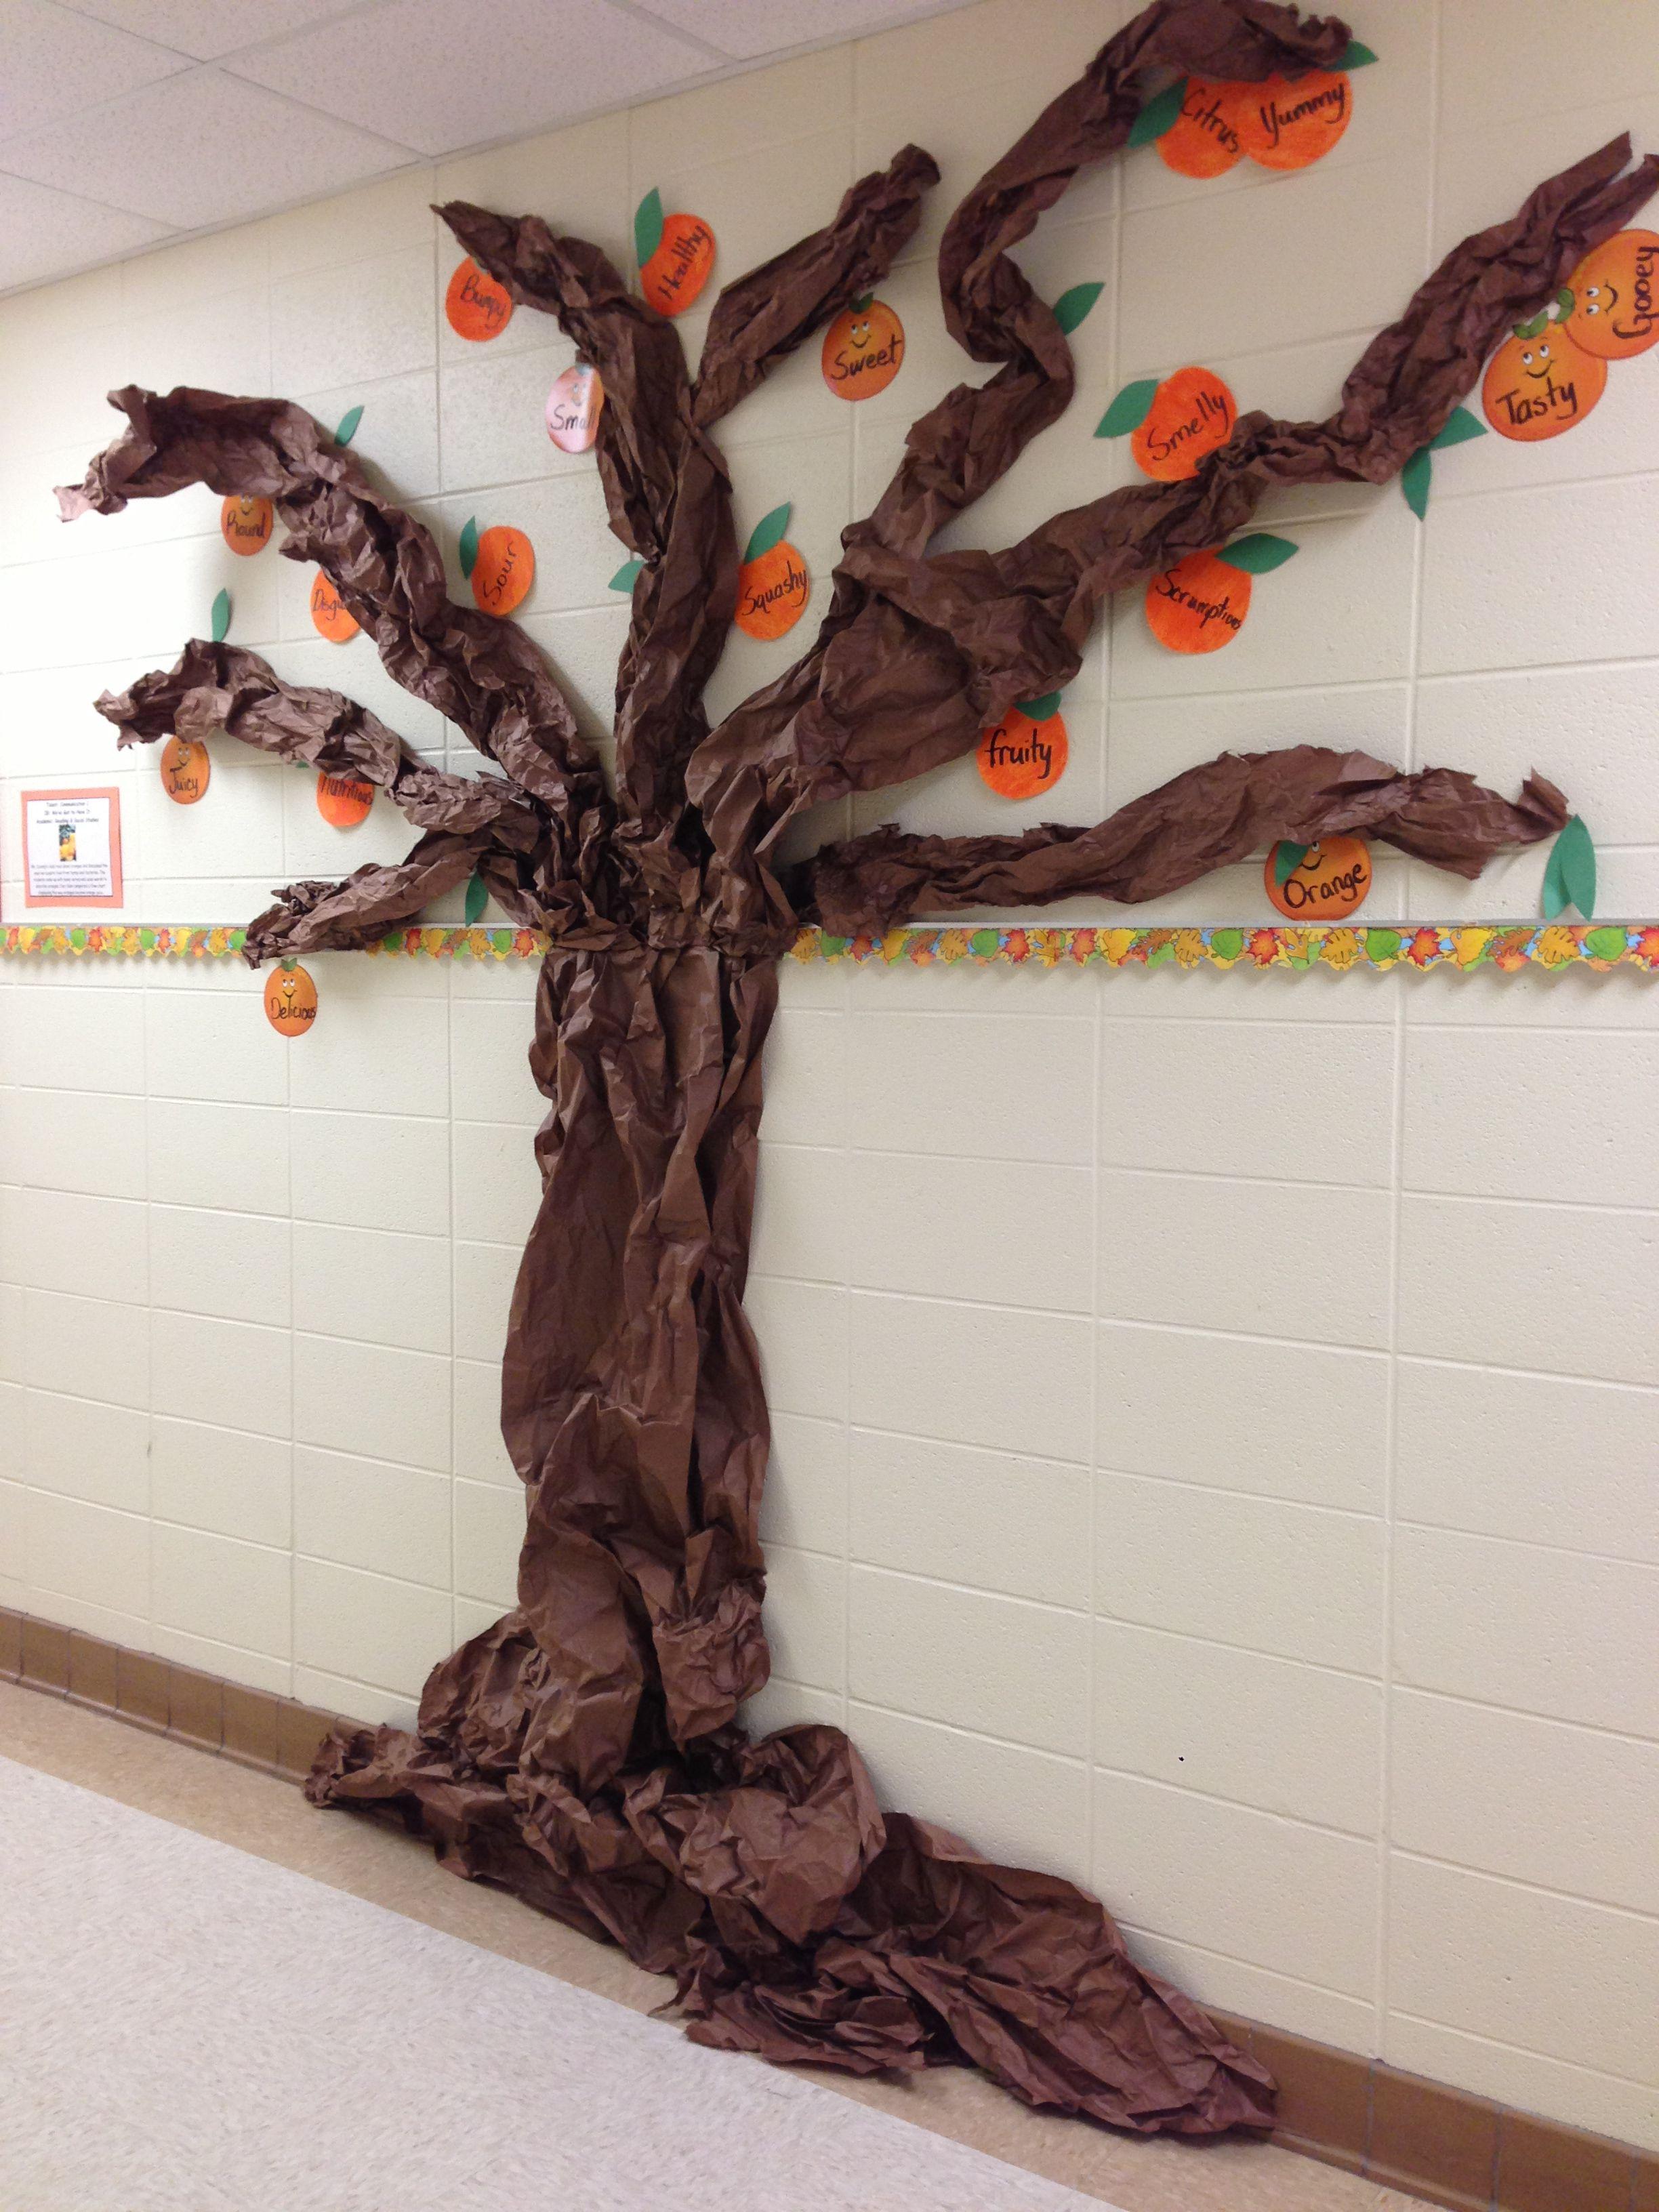 Tree Display Bulletin Board And Hallway Displays